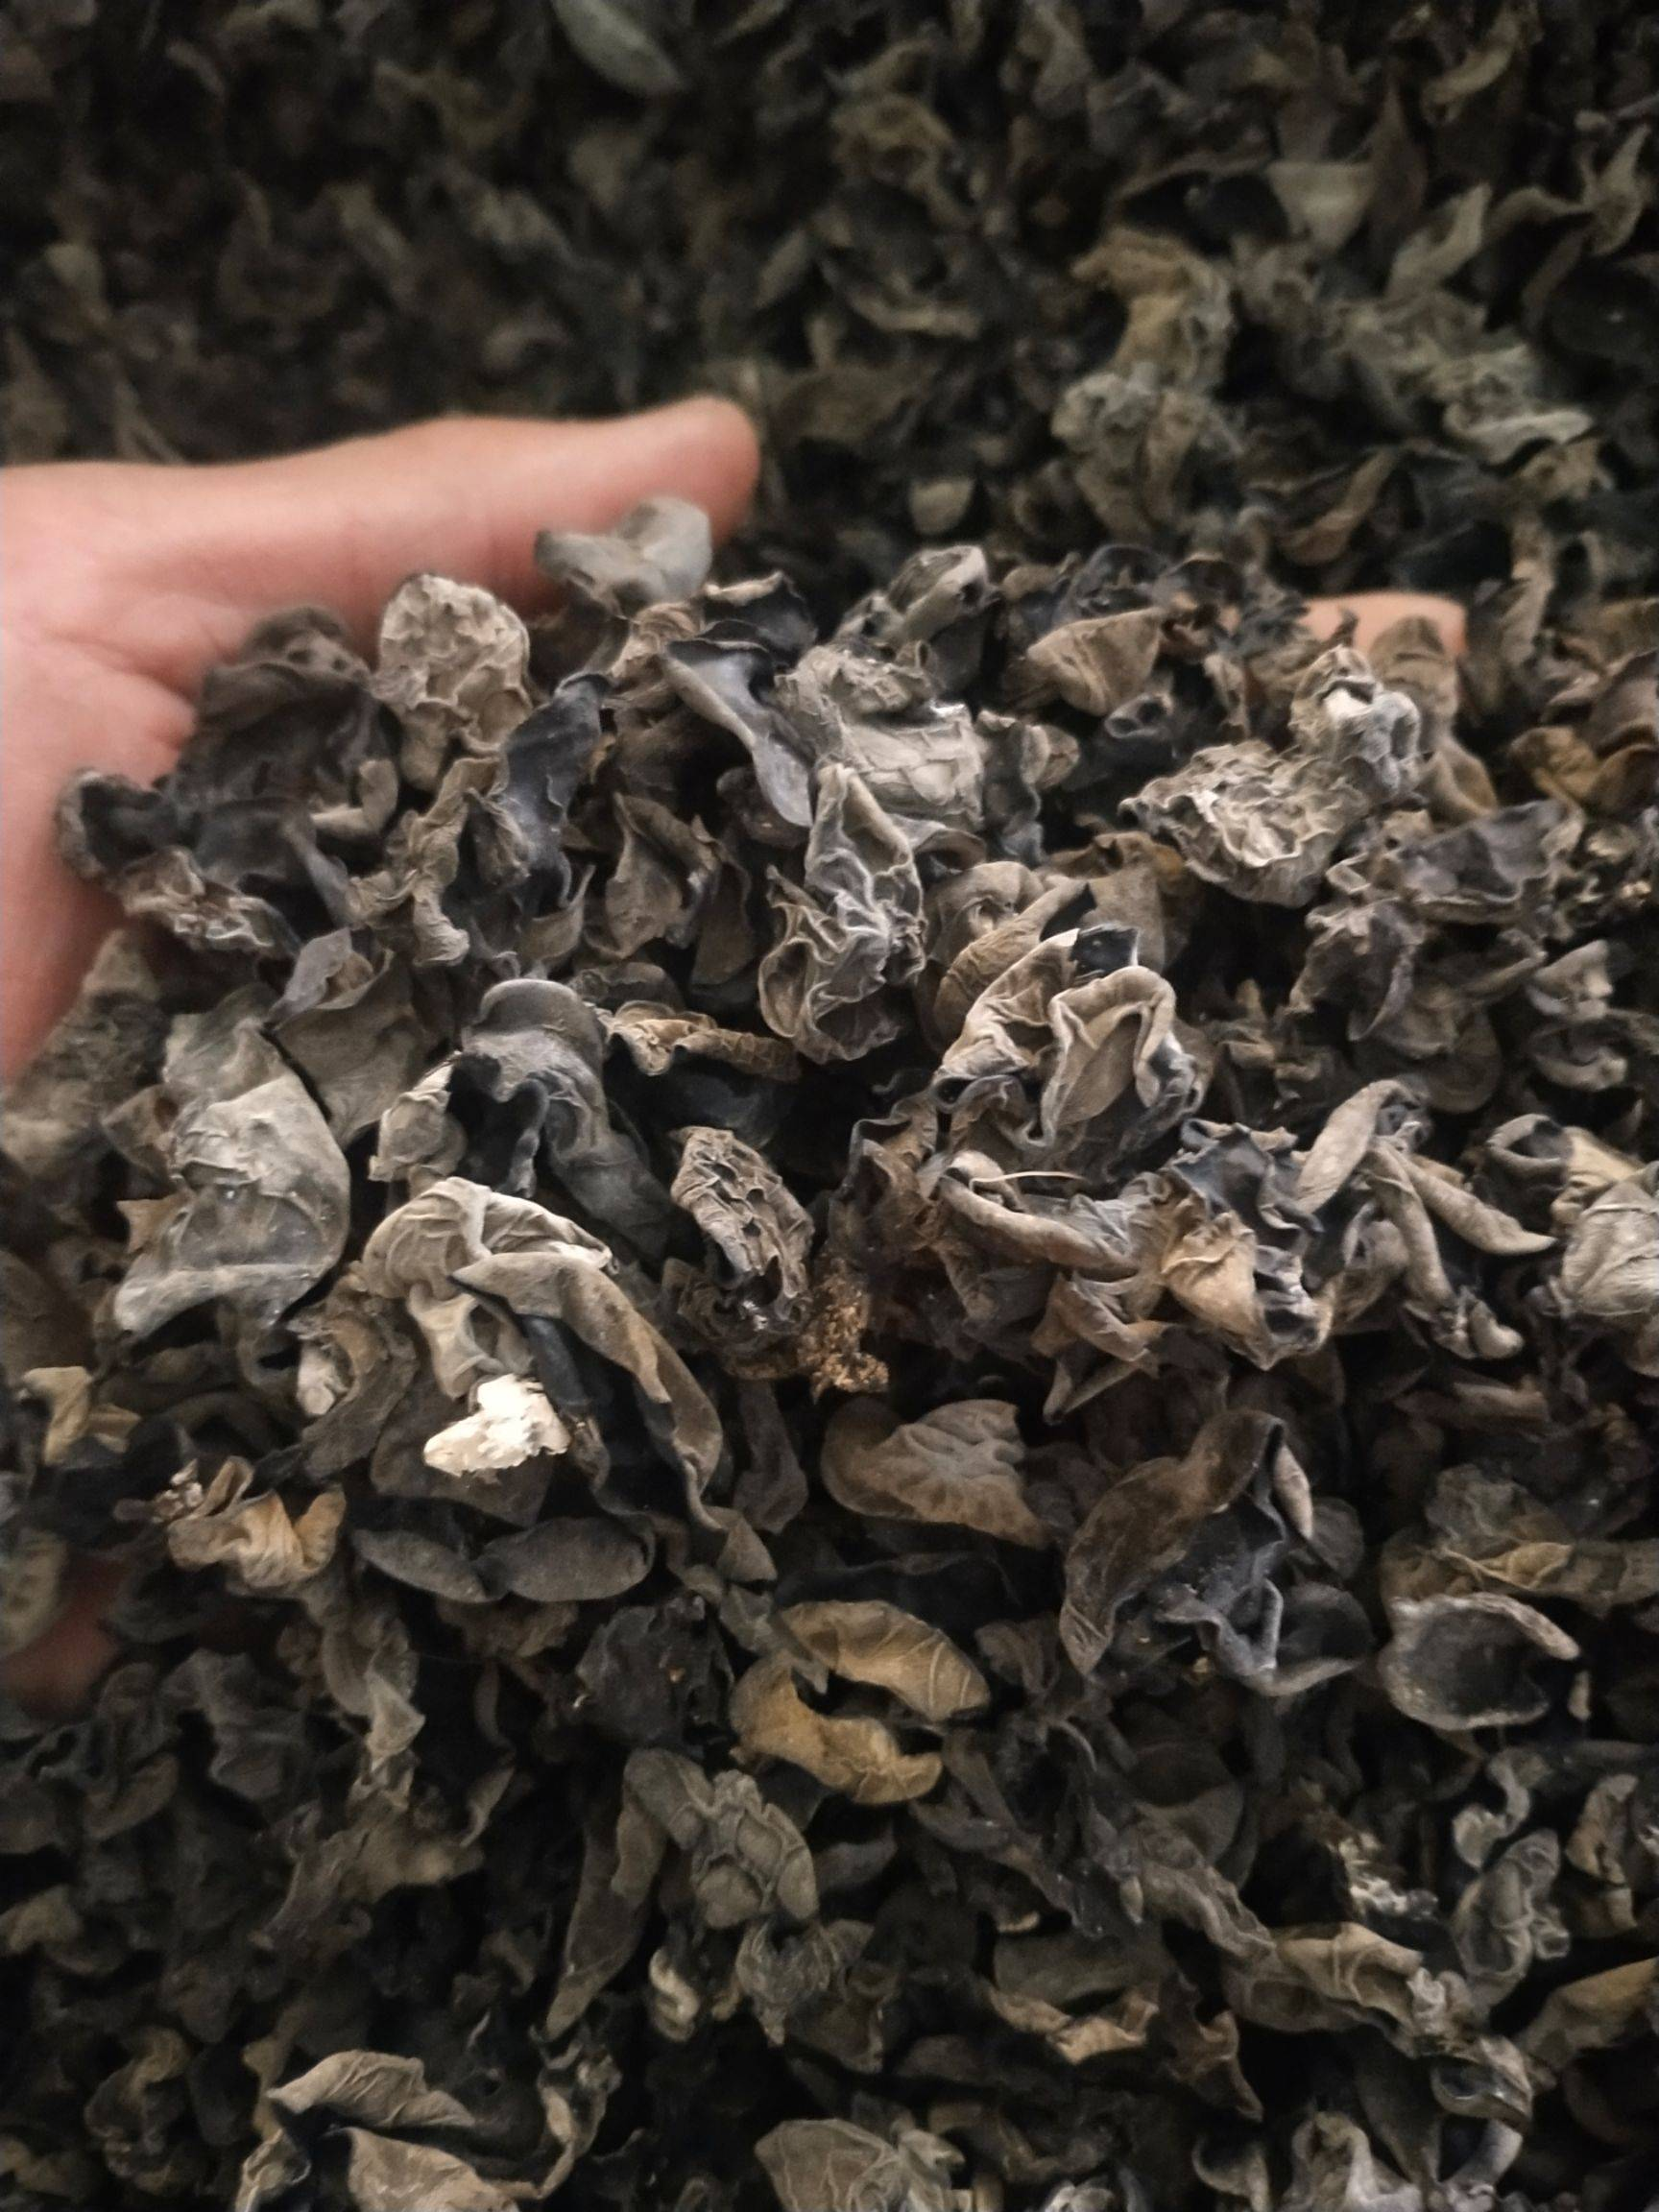 [黑木耳批发] 1.2东北黑木耳餐馆食堂炒菜专用,5斤21省份中通快递包邮价格25.8元/斤